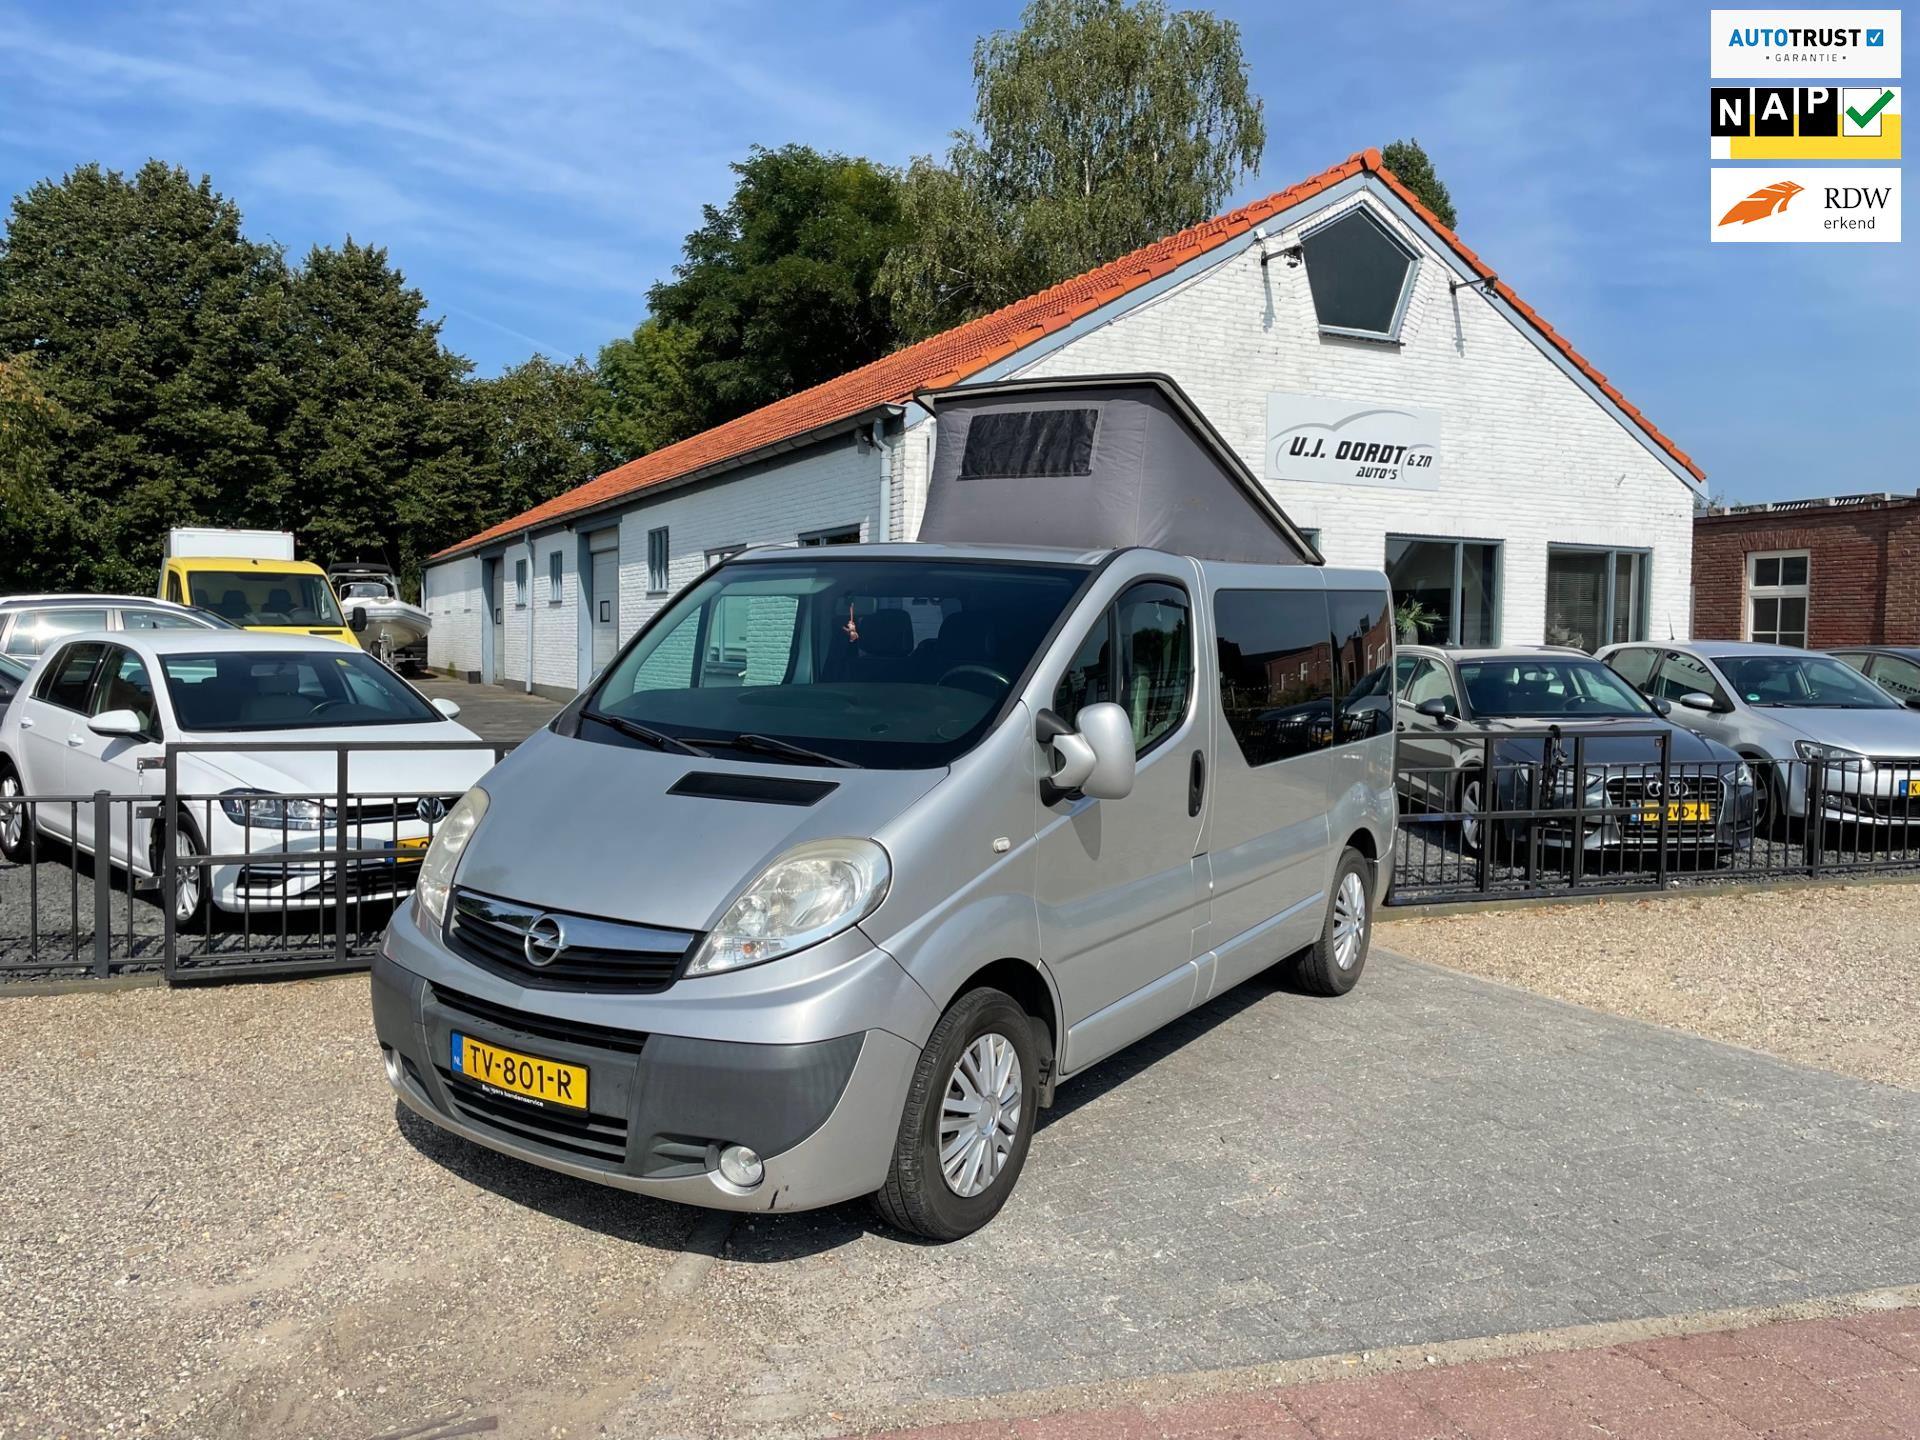 Opel VIVARO-2 2.5CDTI occasion - U.J. Oordt Auto's